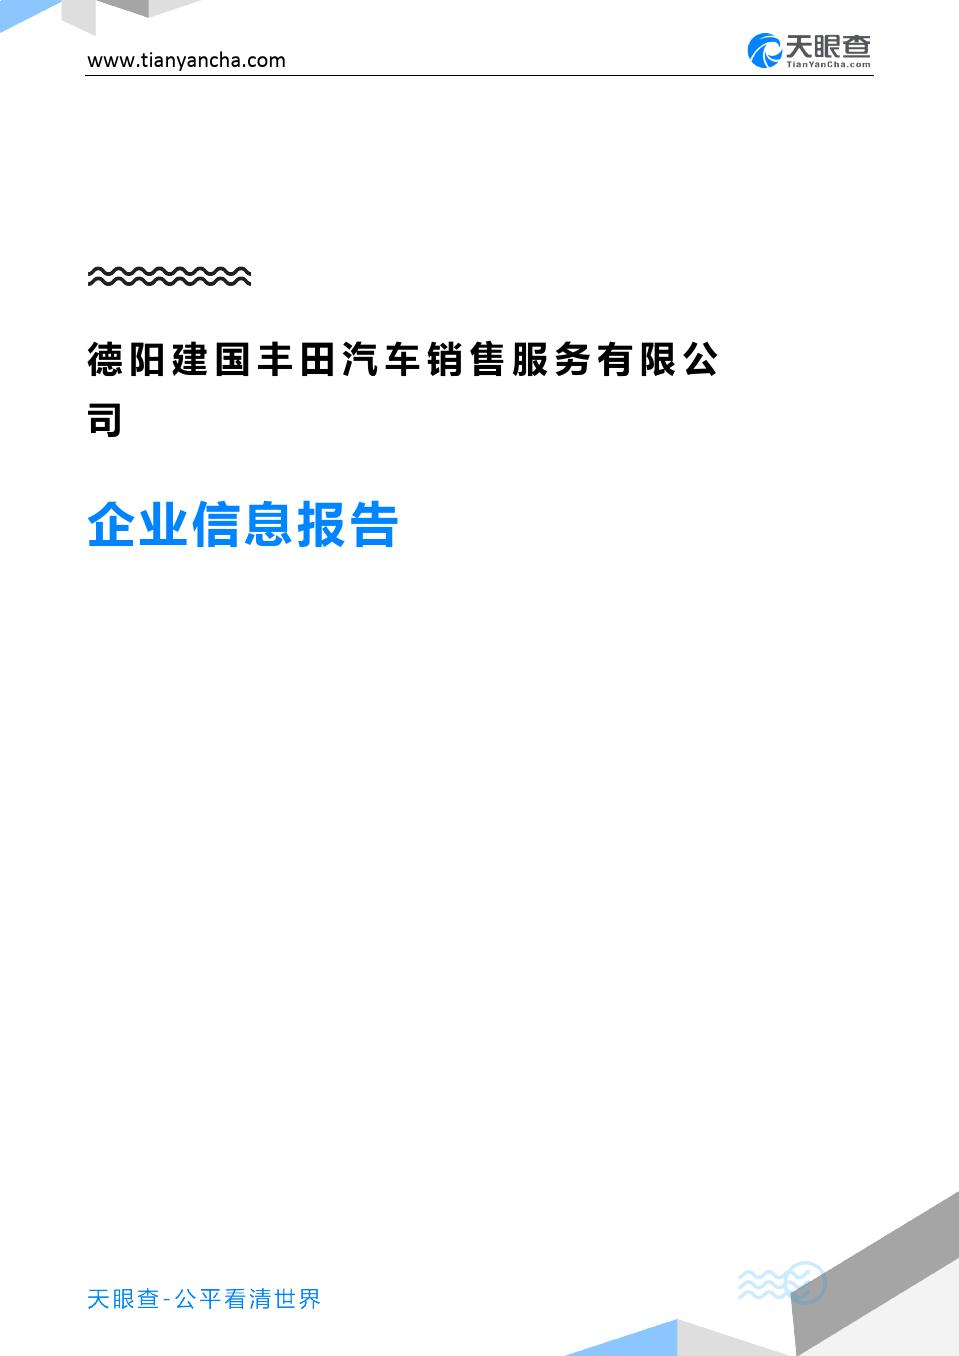 德阳建国丰田汽车销售服务有限公司企业信息报告-天眼查